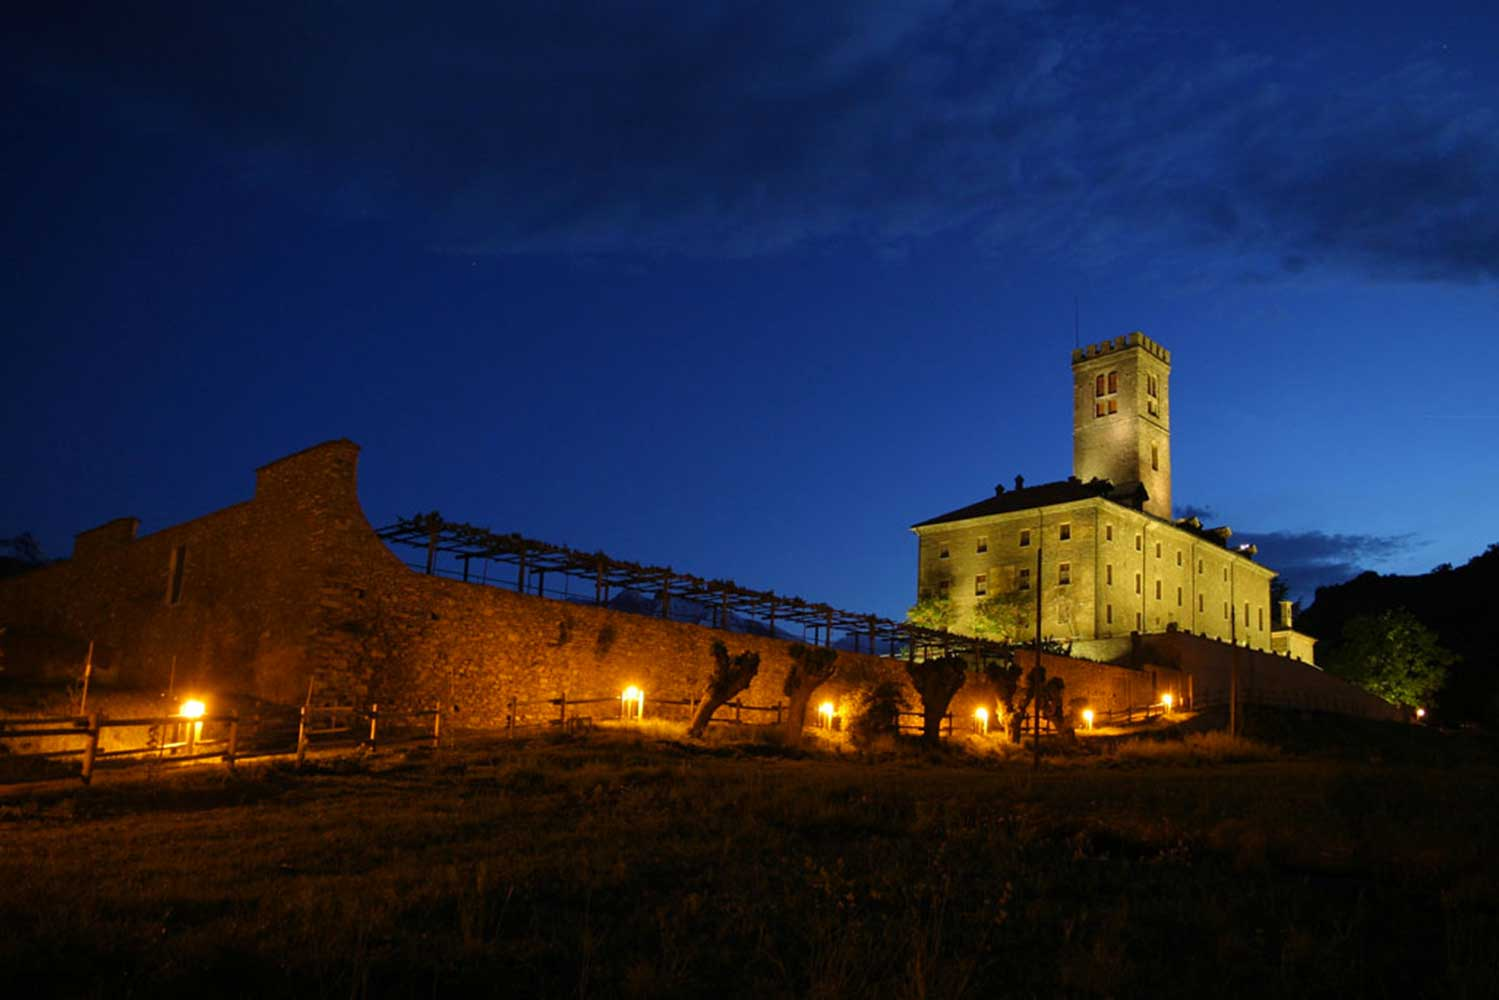 Progetto di illuminazione Castello di Sarre, Aosta